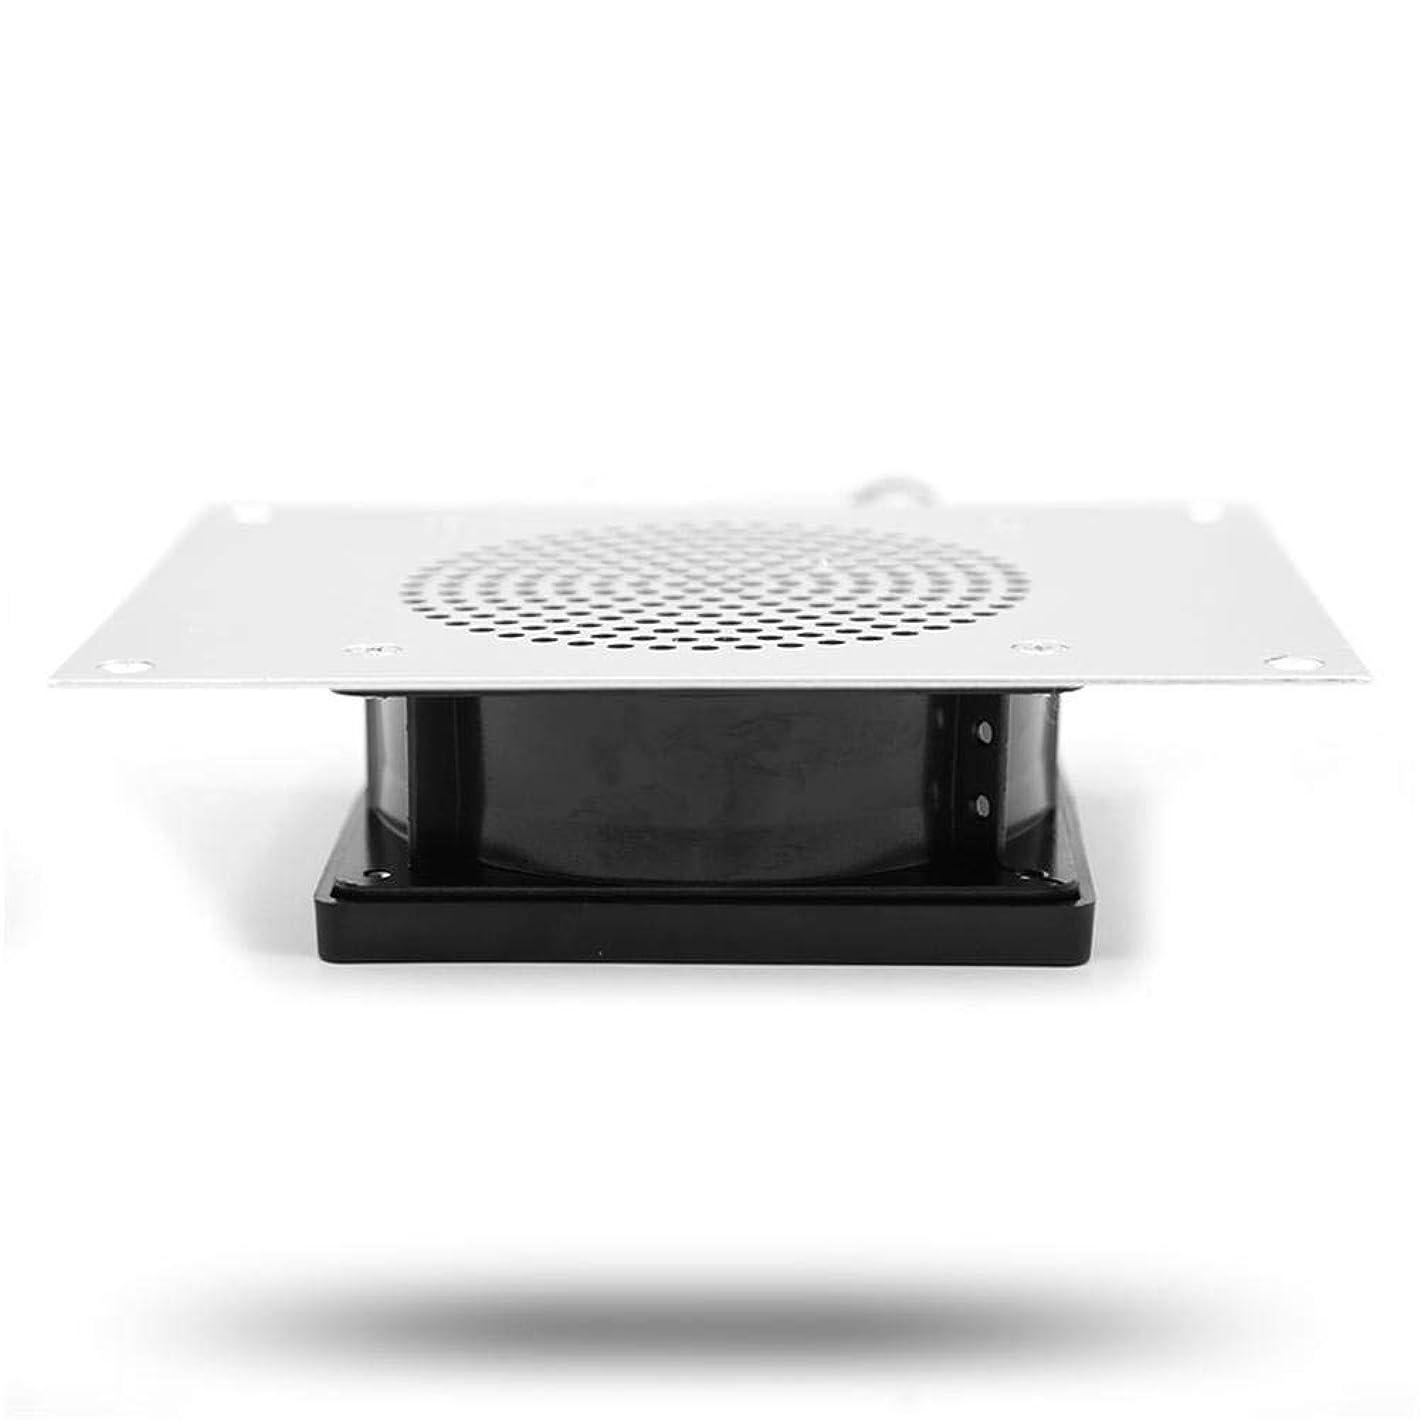 シェード試験暴動ネイル掃除機ネイルテーブルファン吸引ダストコレクターネイルartprofessionalサロンマニキュアペディキュアアート機器